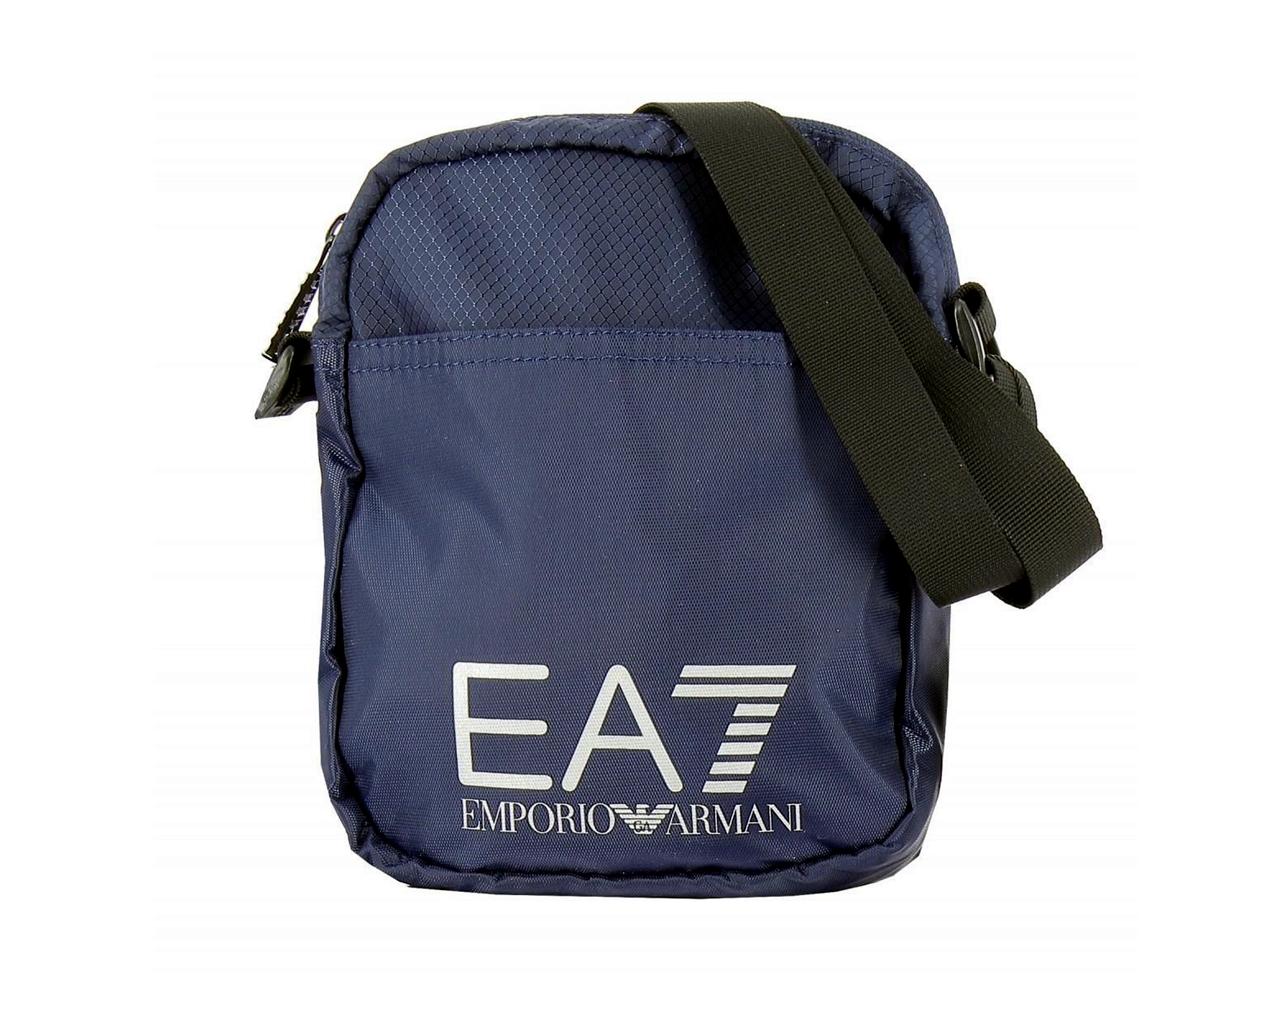 Dettagli su Emporio Armani 275658 CC731 Treno Prime EA7 Messenger Borsa Nera a Tracolla